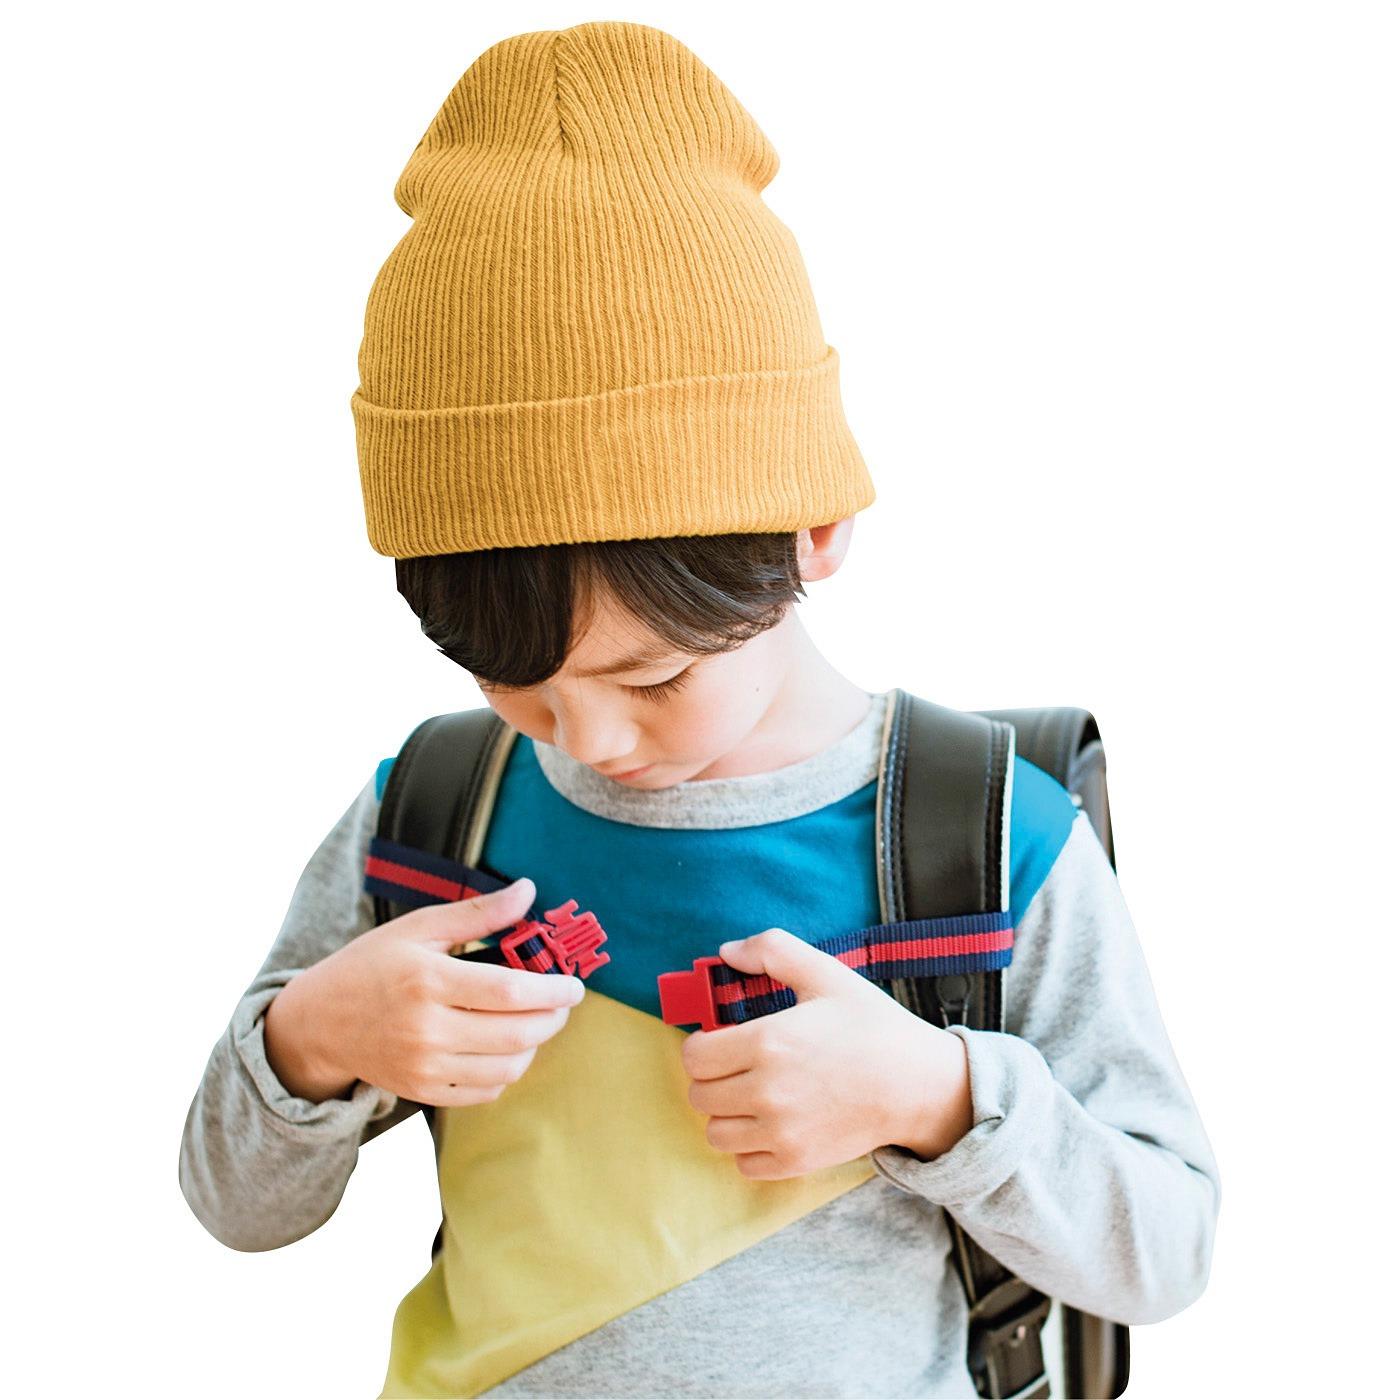 子どもでも簡単に使えます。※お届けするデザインとは異なります